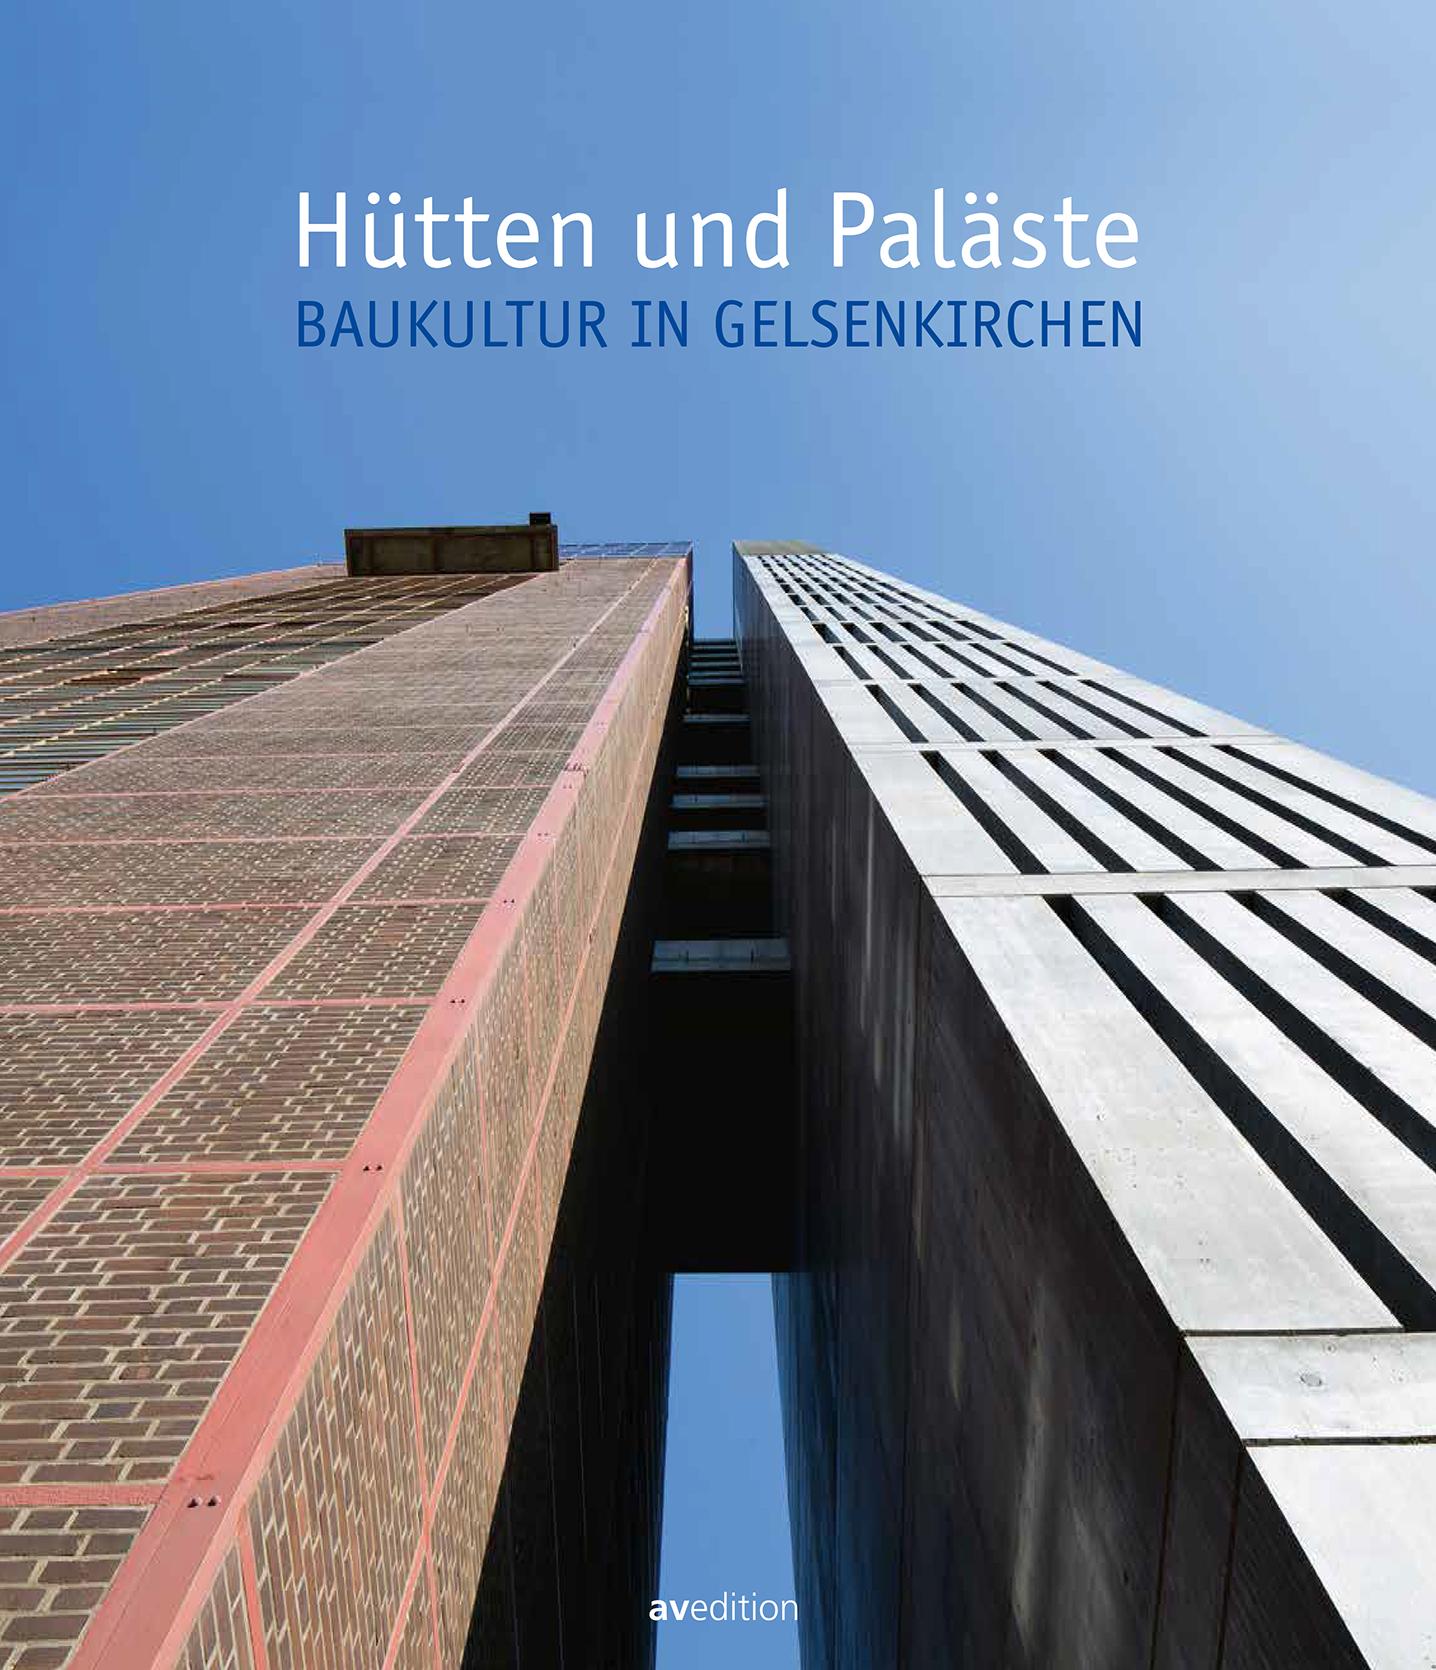 Hütten und Paläste – Baukultur in Gelsenkirchen